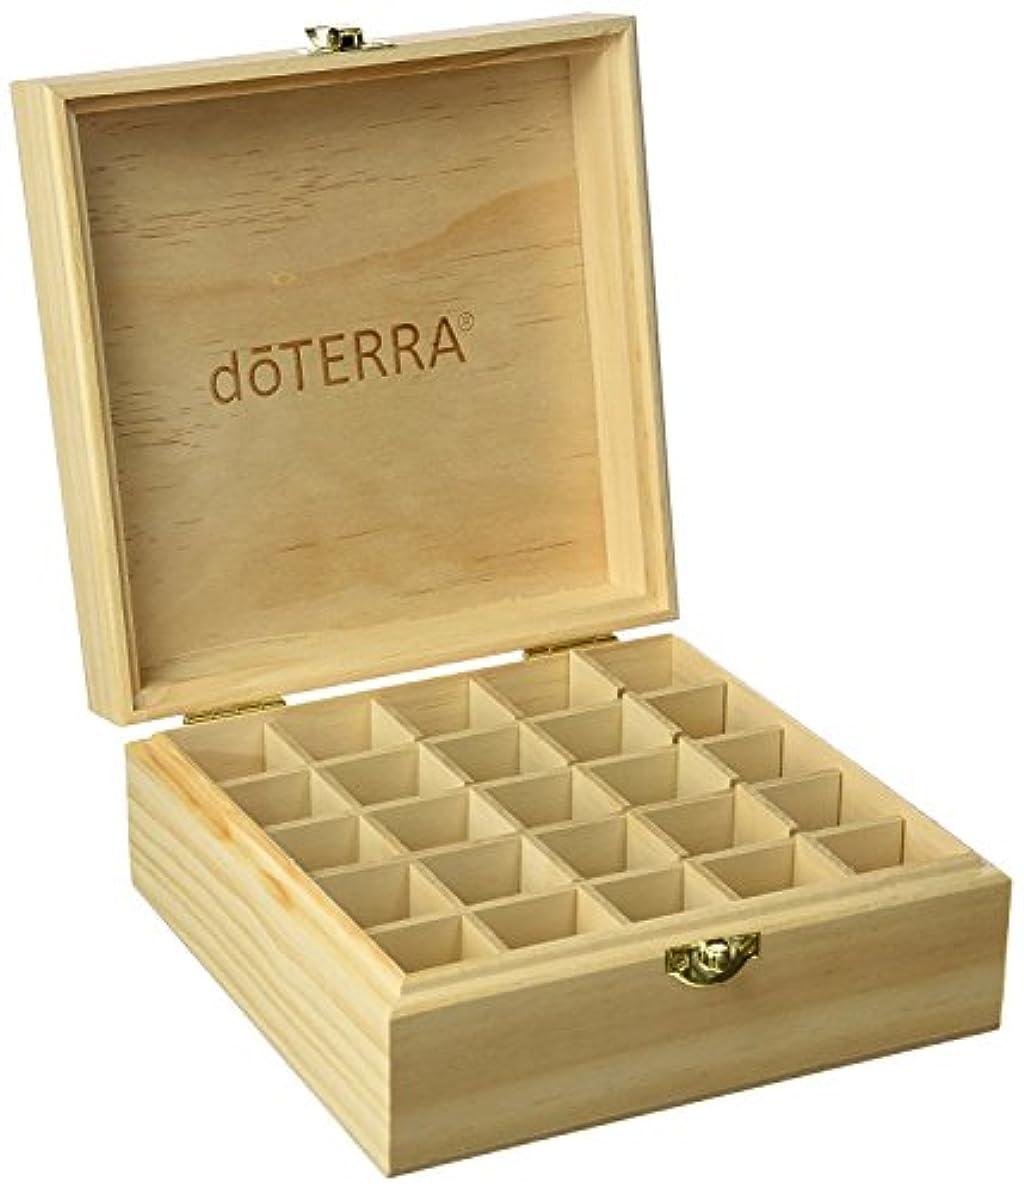 スキッパーグリップ読むエッセンシャルオイル収納ボックス25本用 エッセンシャルオイルボックス 20 mlのボトルを15 mlのための25のブロックによって木製のキャビネット